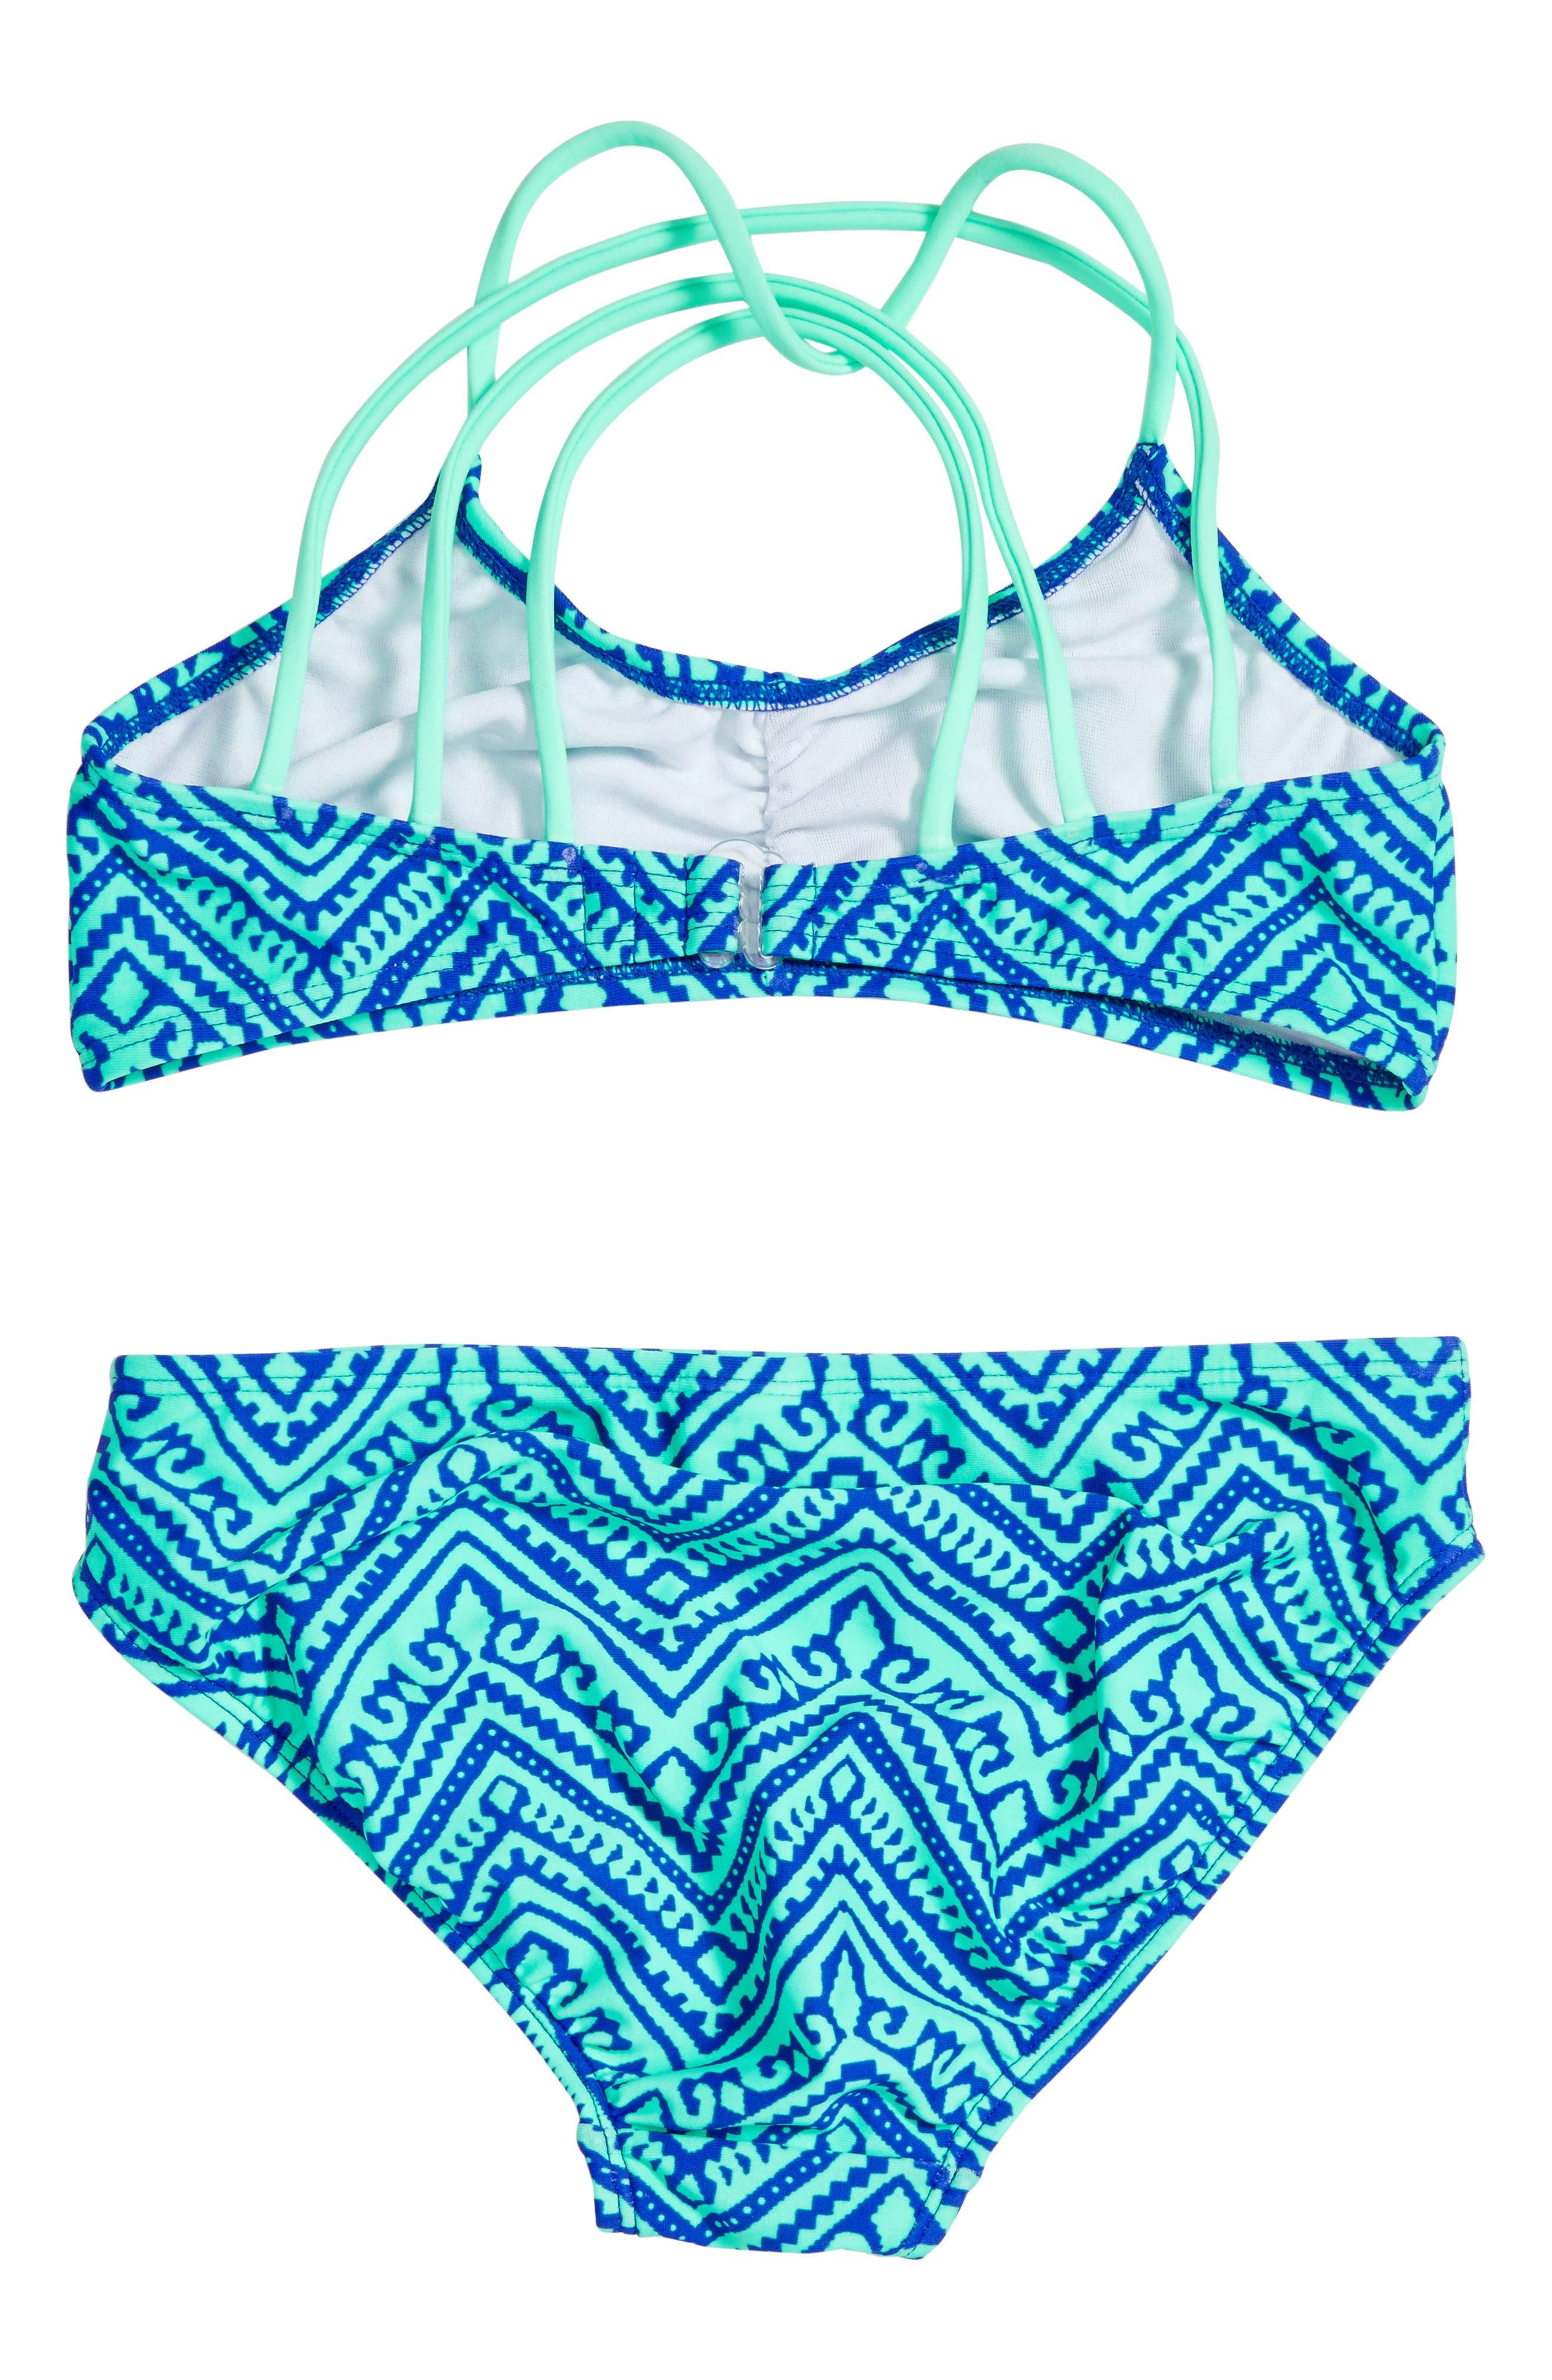 'Zig & Zag' Geo Print Two-Piece Swimsuit,                             Alternate thumbnail 2, color,                             Mint/ Blue Violet